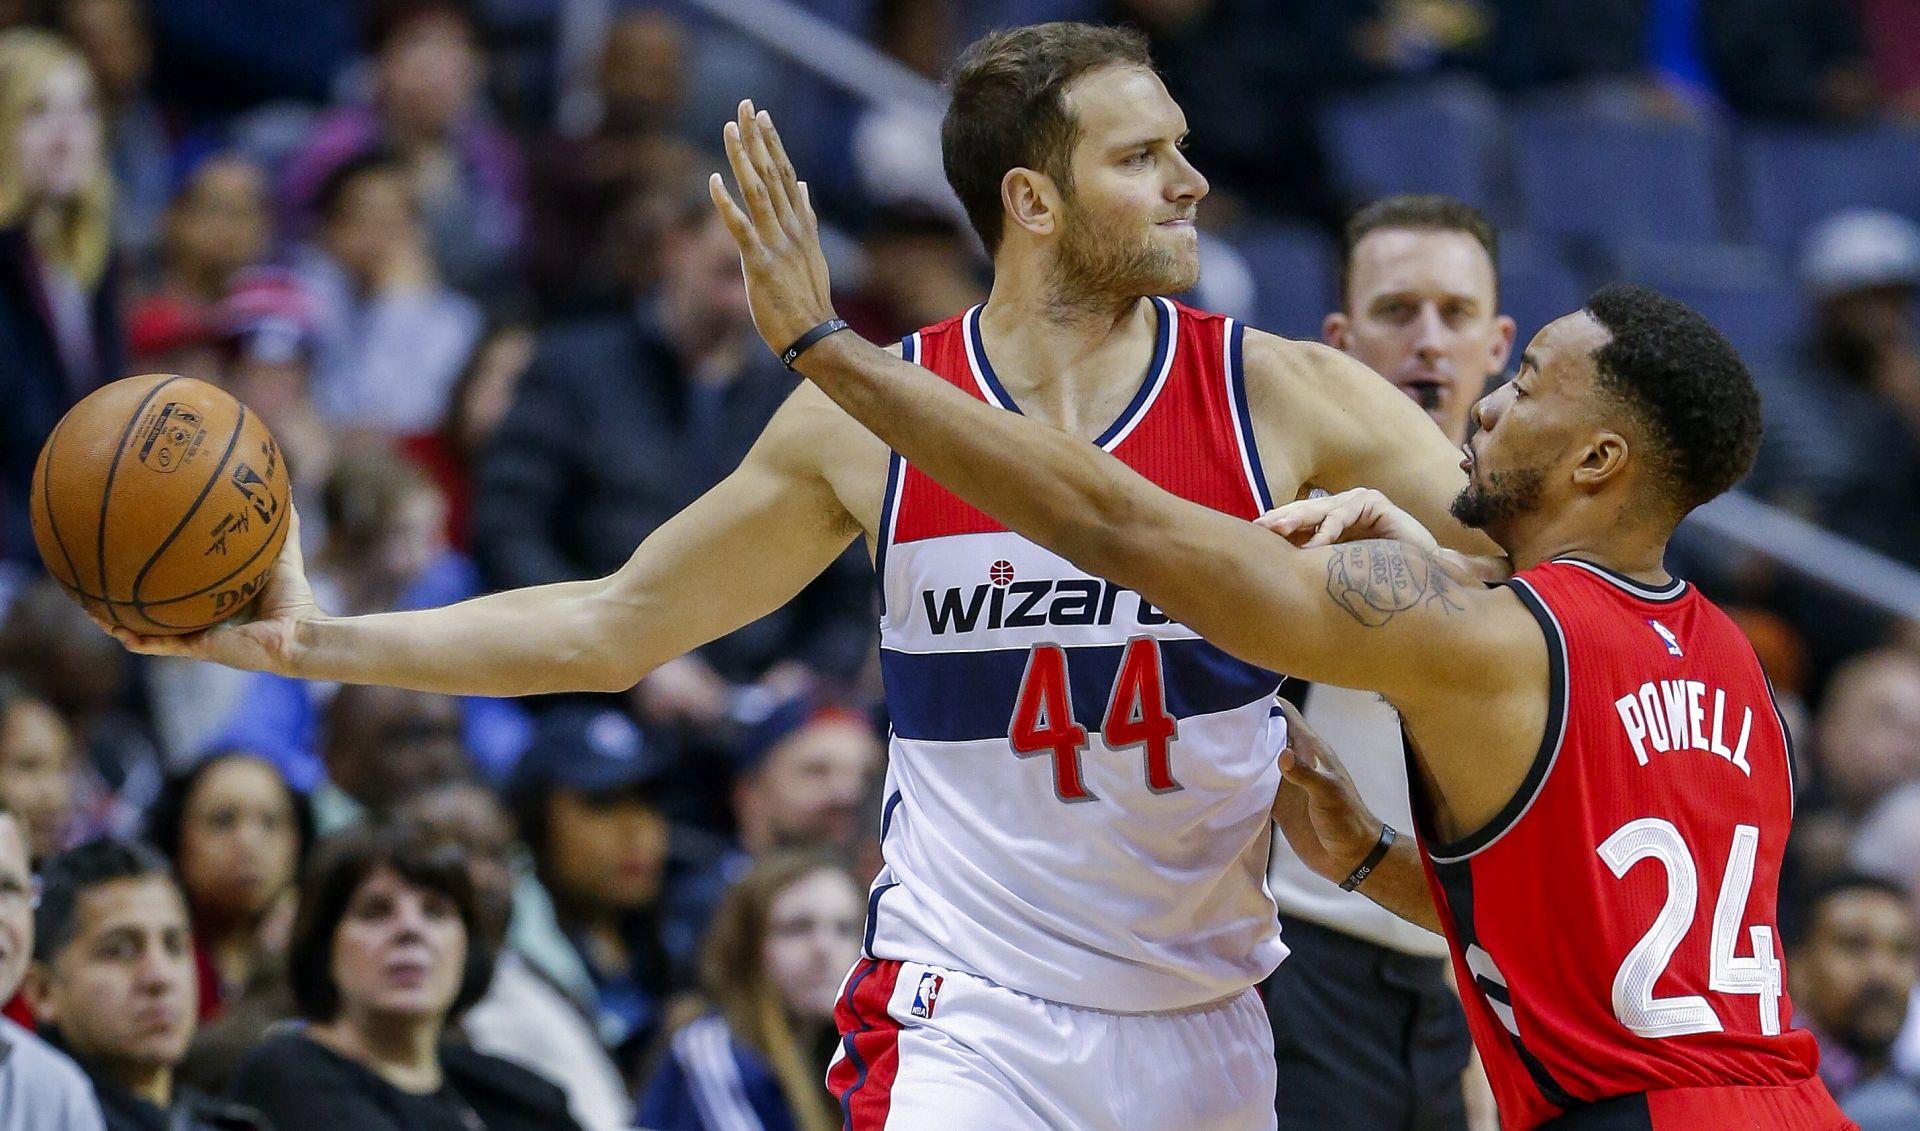 NBA Hezonja bez koša u pobjedi Magica, Šarić zabio 18, a Bogdanović 14 u porazima Sixersa i Wizardsa